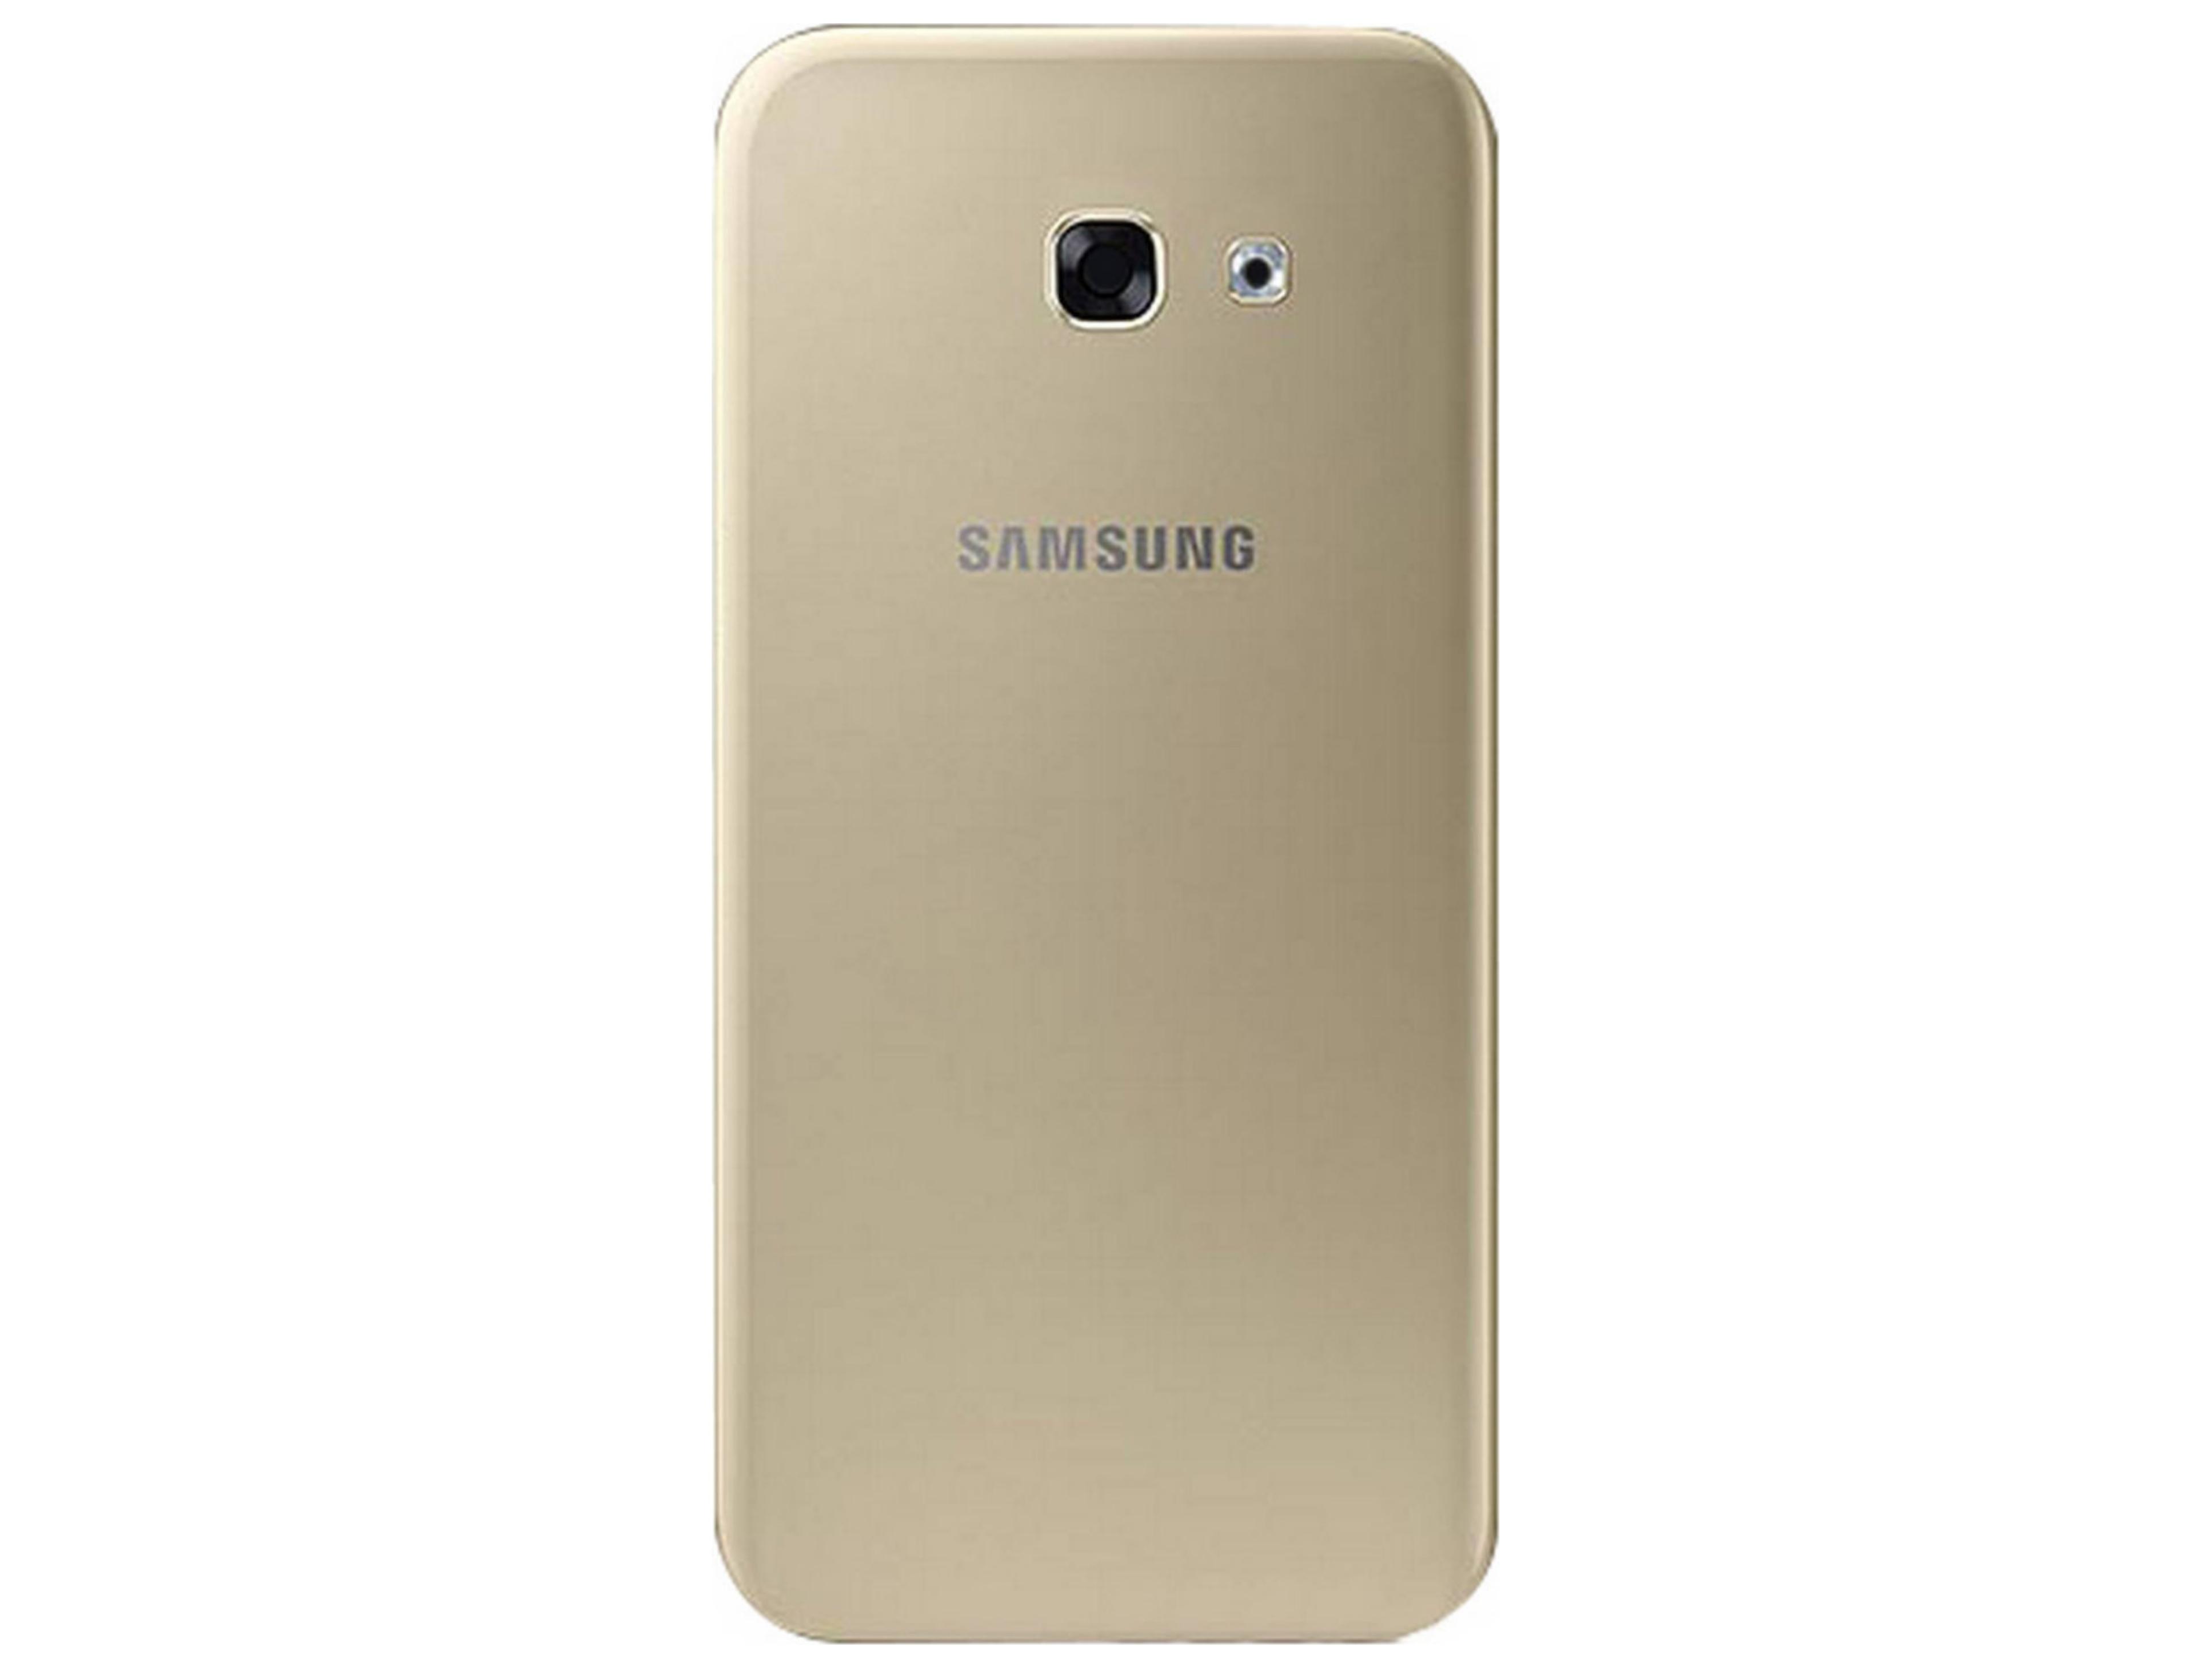 Καπάκι Μπαταρίας Samsung SM-A510F Galaxy A5 (2016) Χρυσαφί OEM Type A